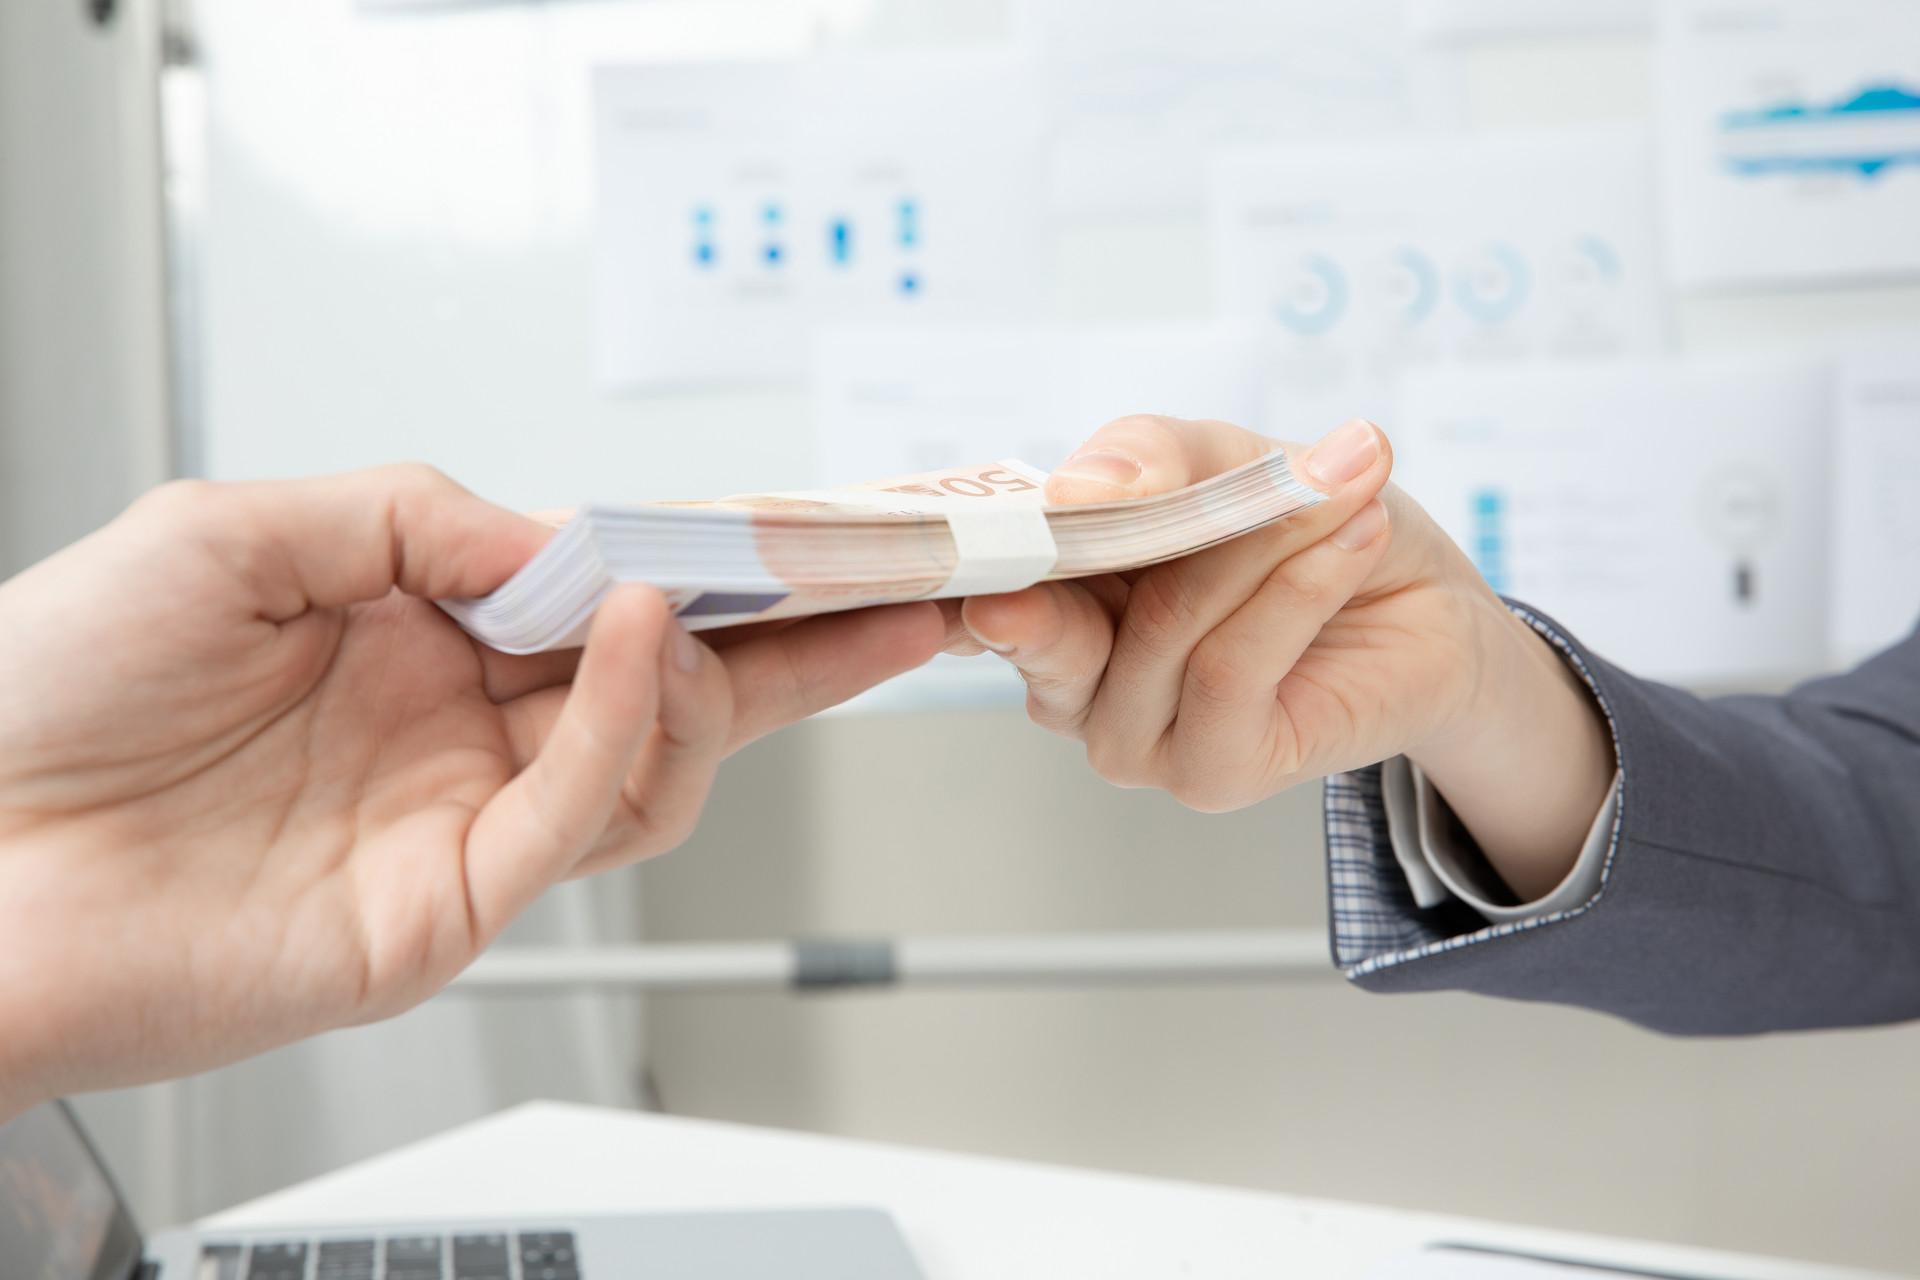 代理代发薪资有什么风险是可以避免的? 找准一个平台就可以